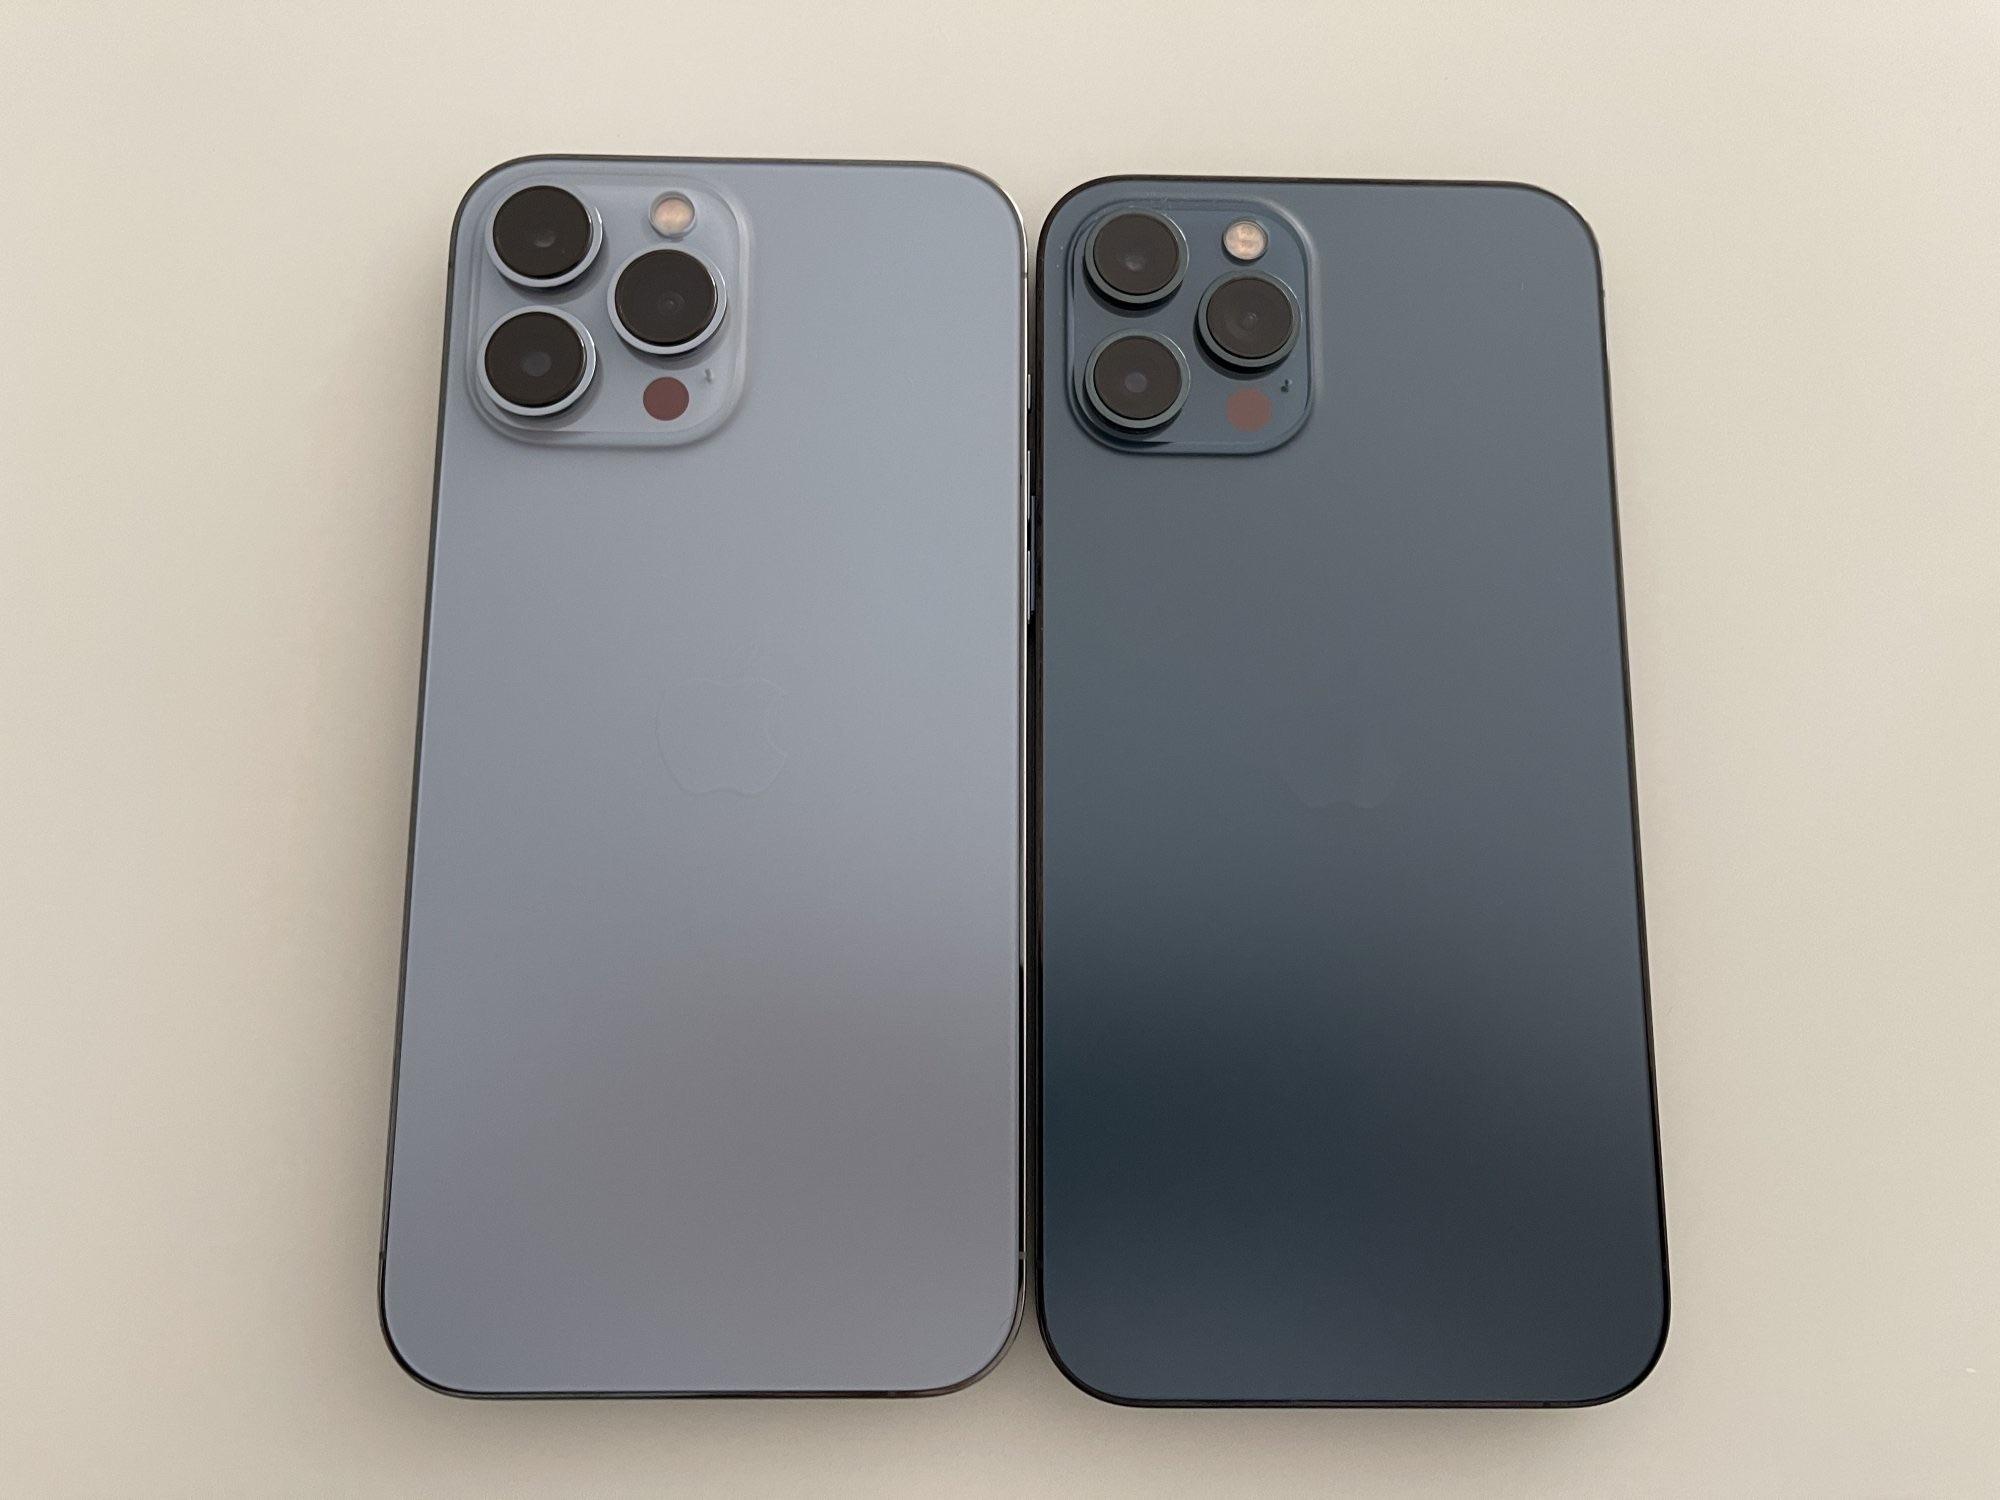 iphone 13 12 pro max color comparison boardiesboi